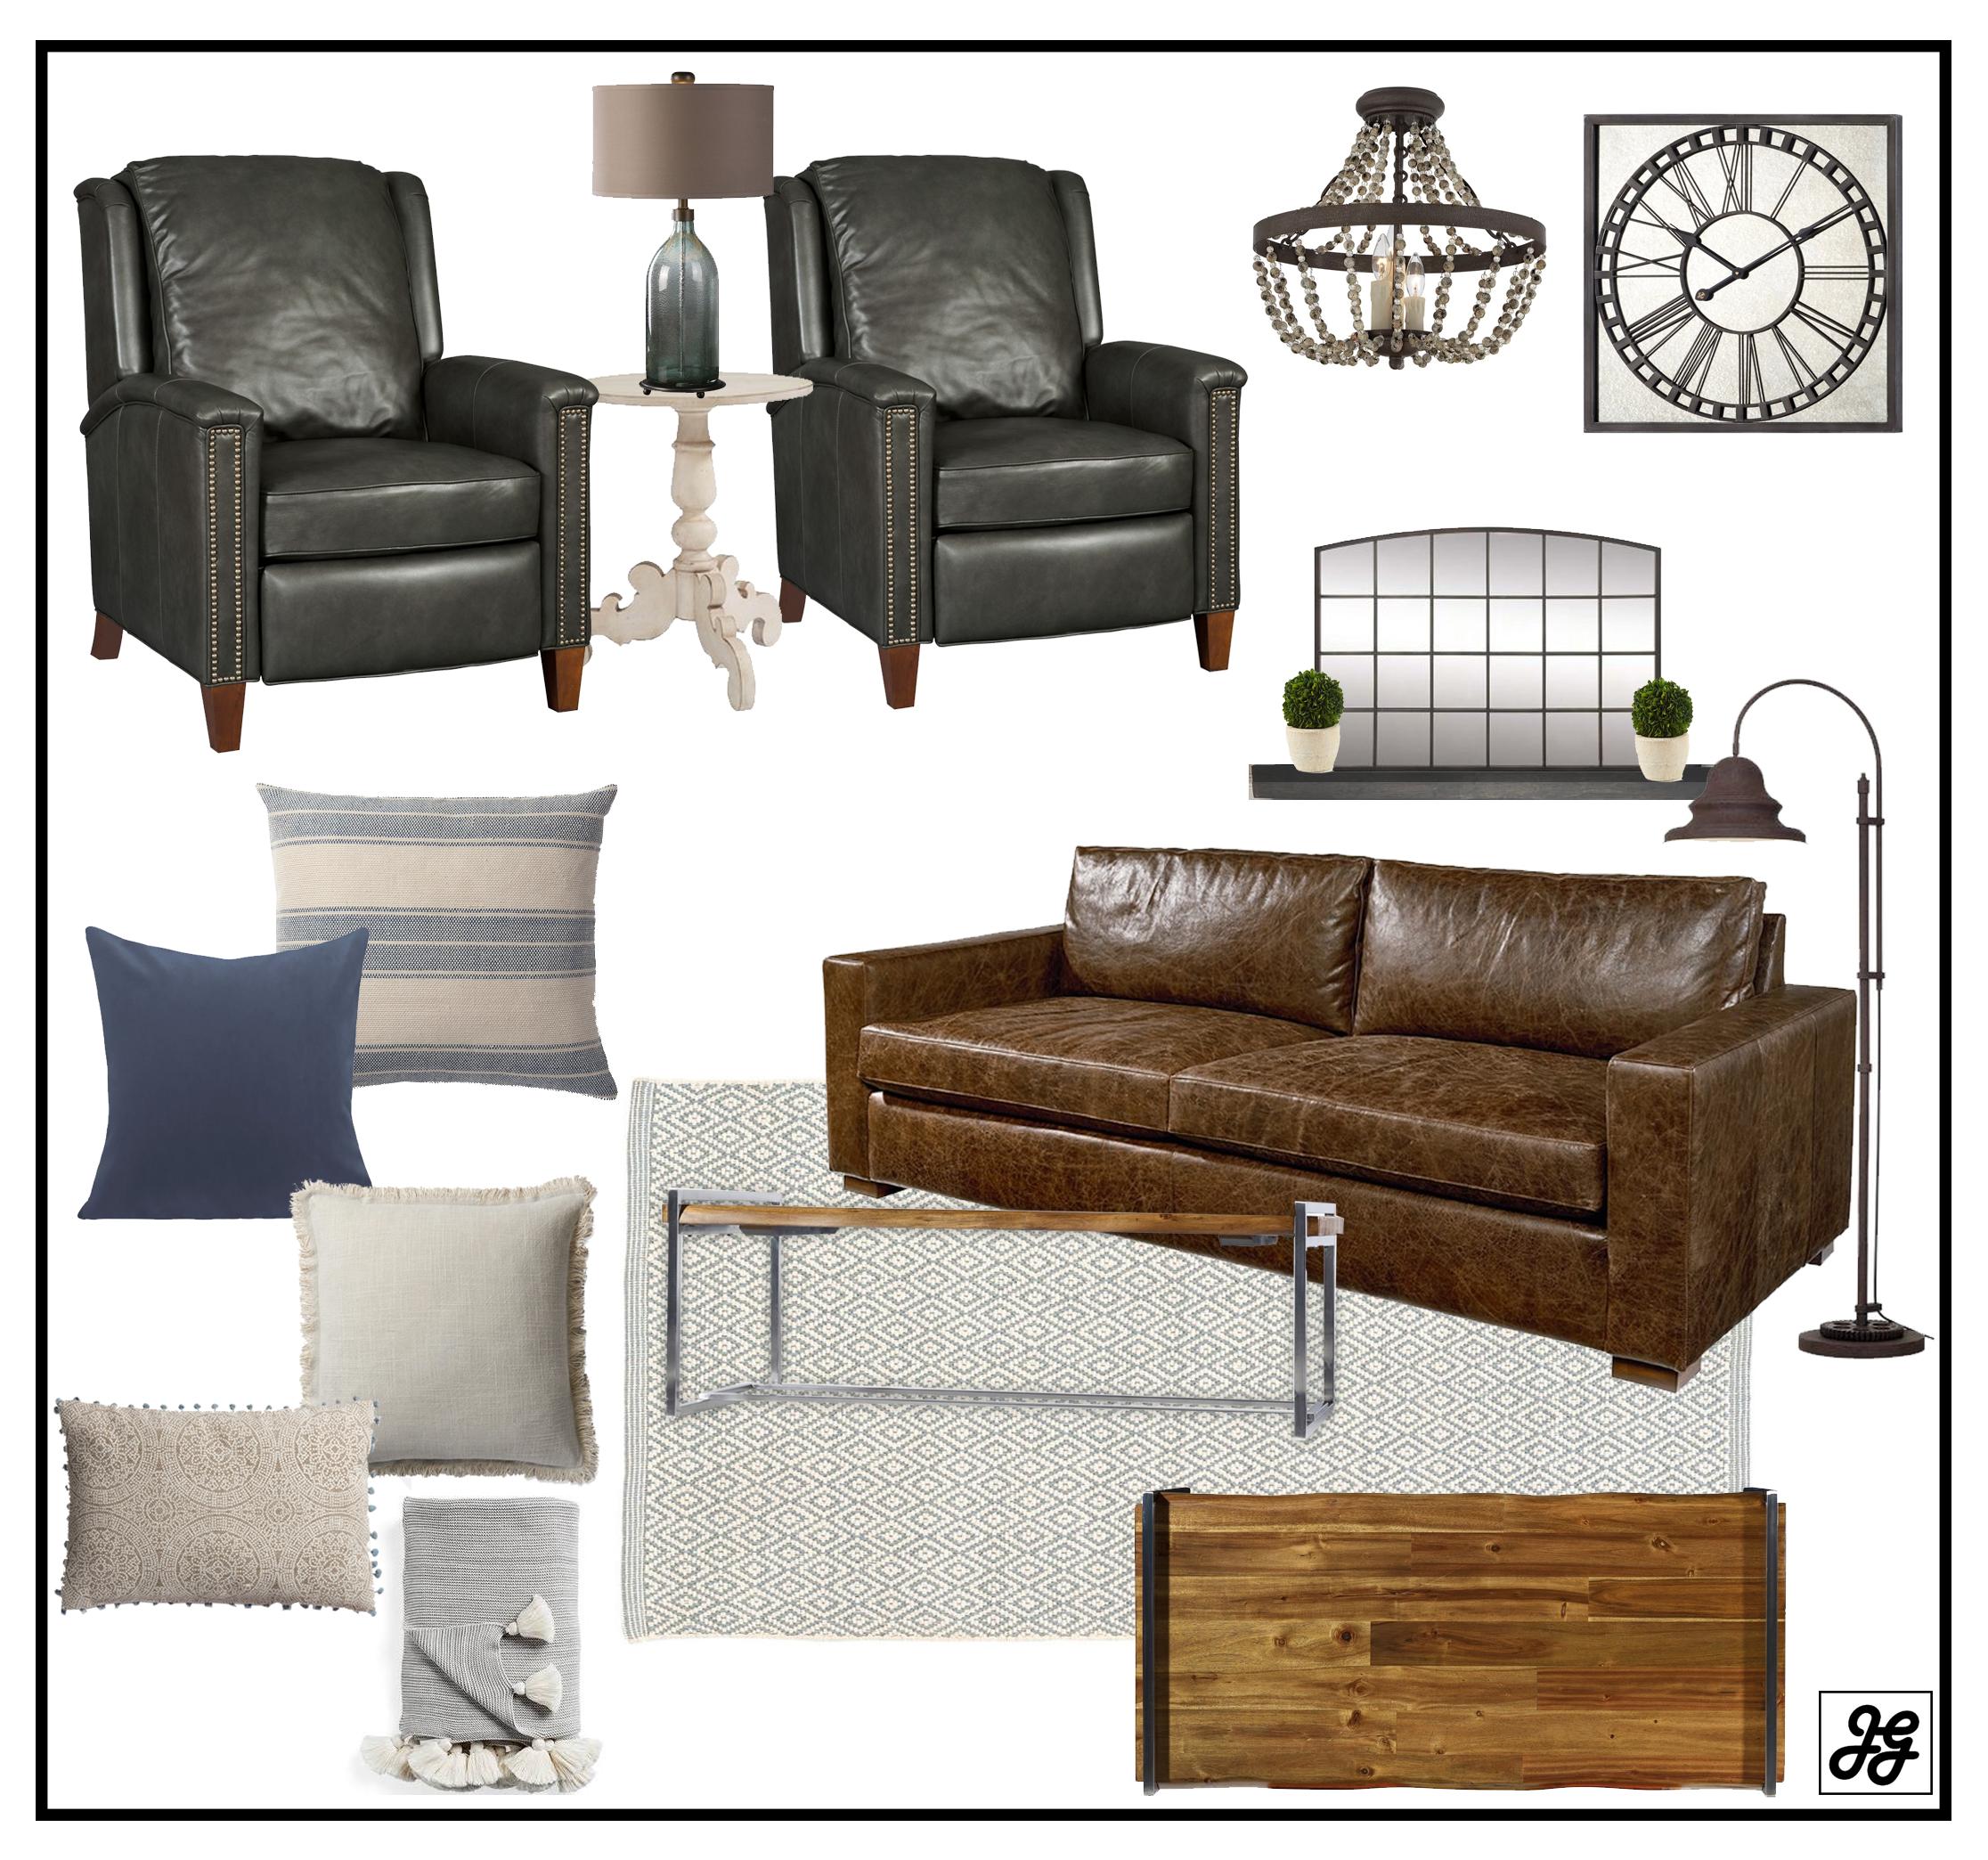 Fixerupper living room